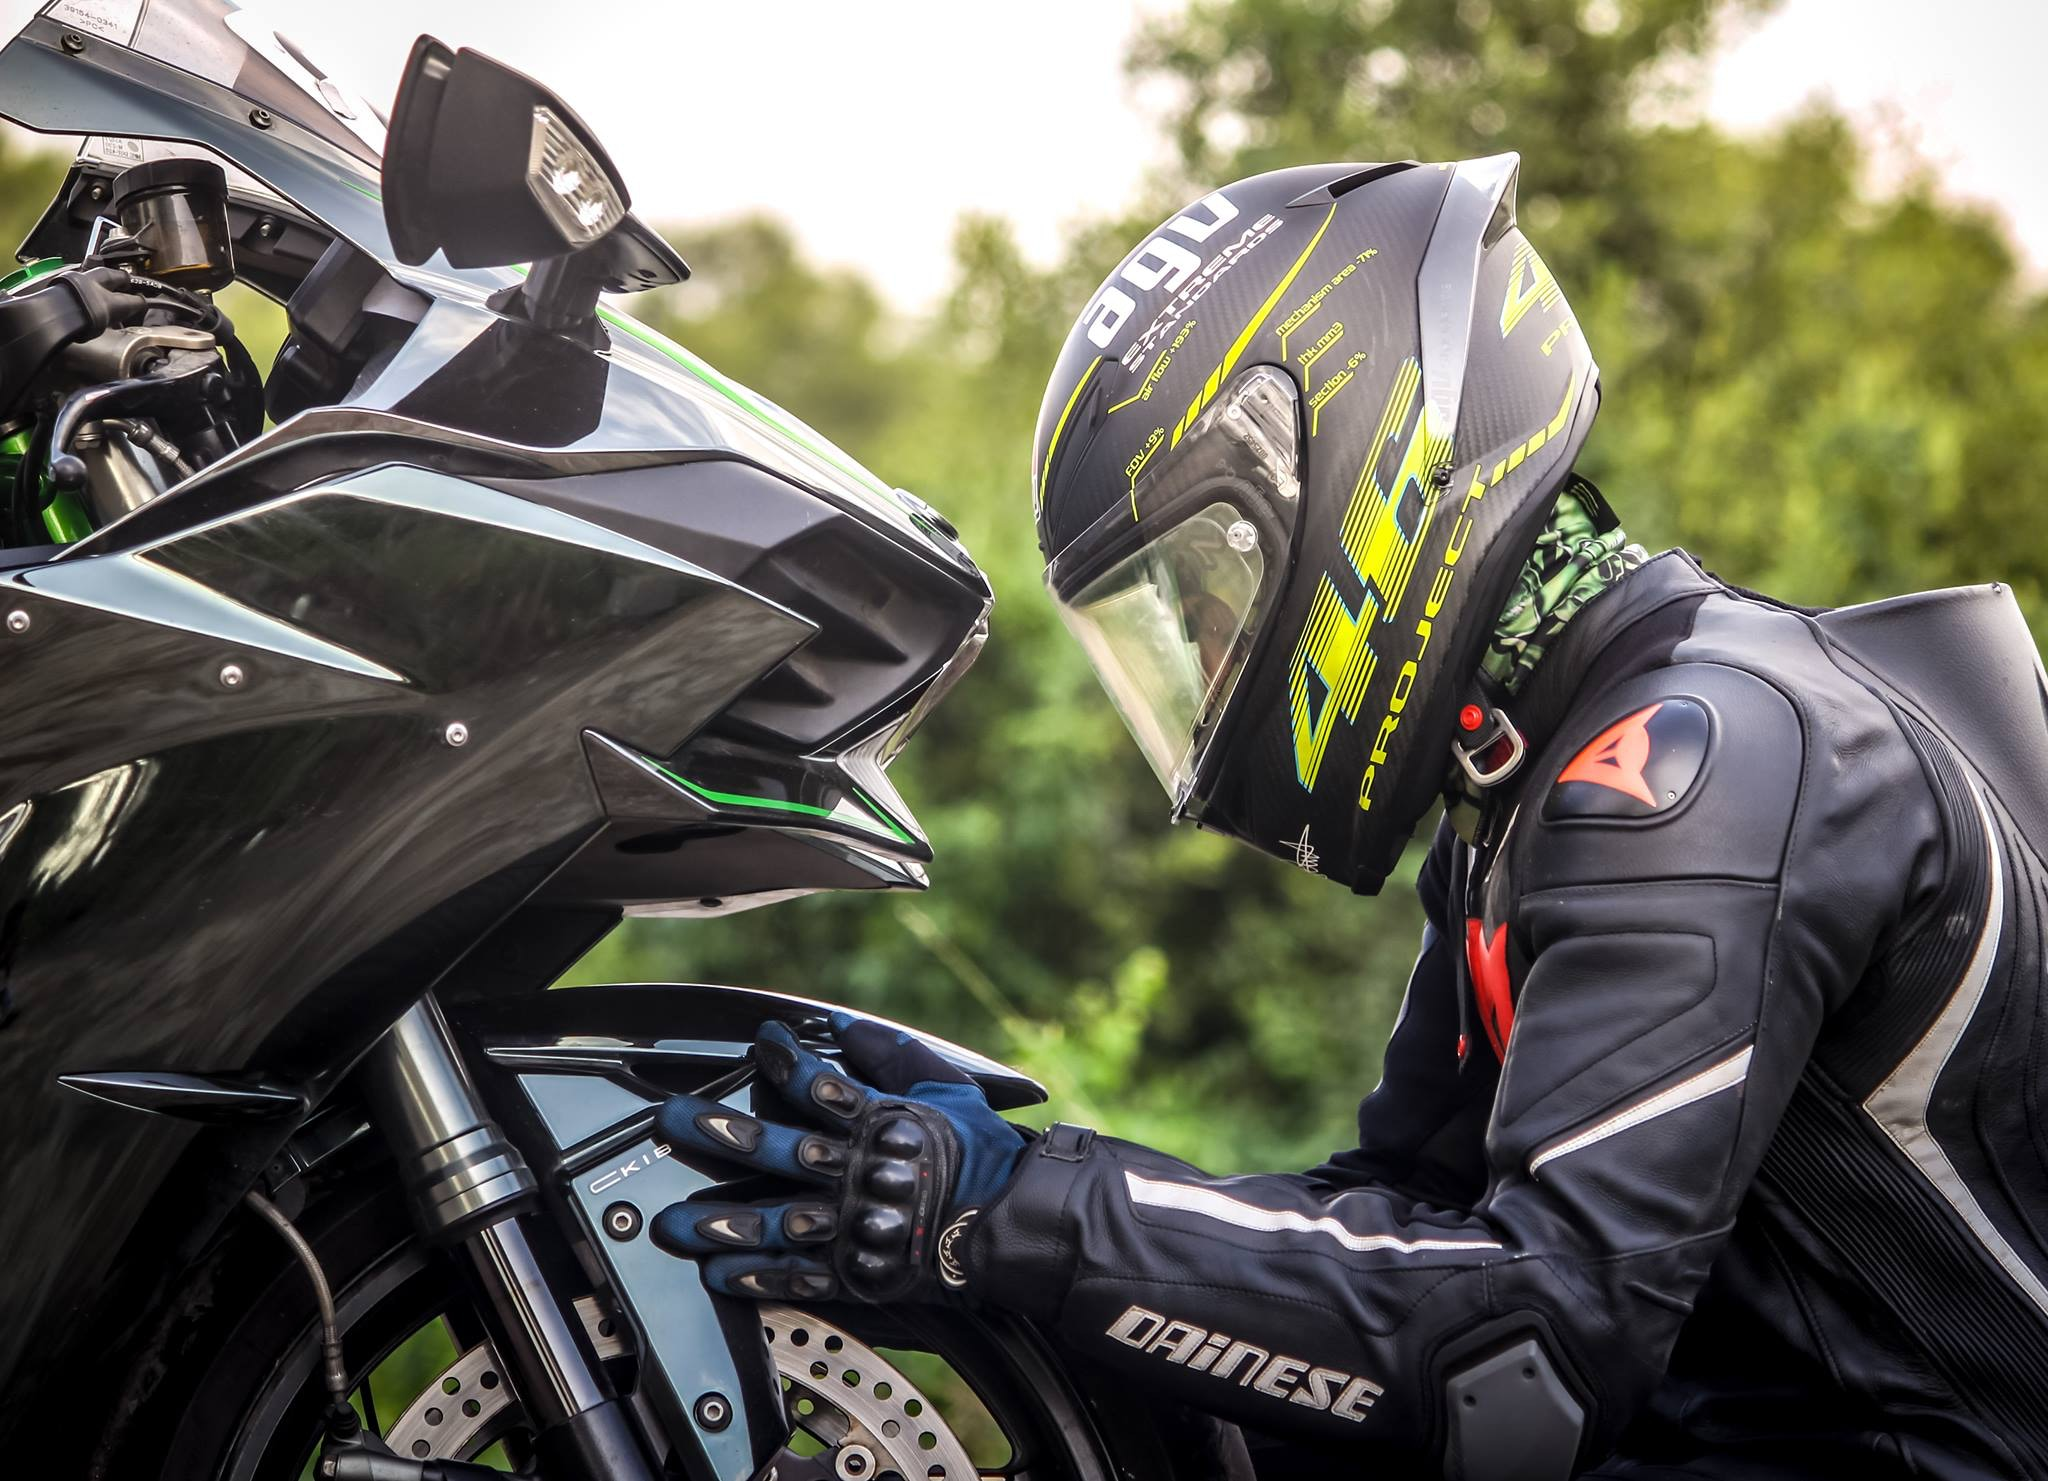 Un motard avec un casque devant une moto noire